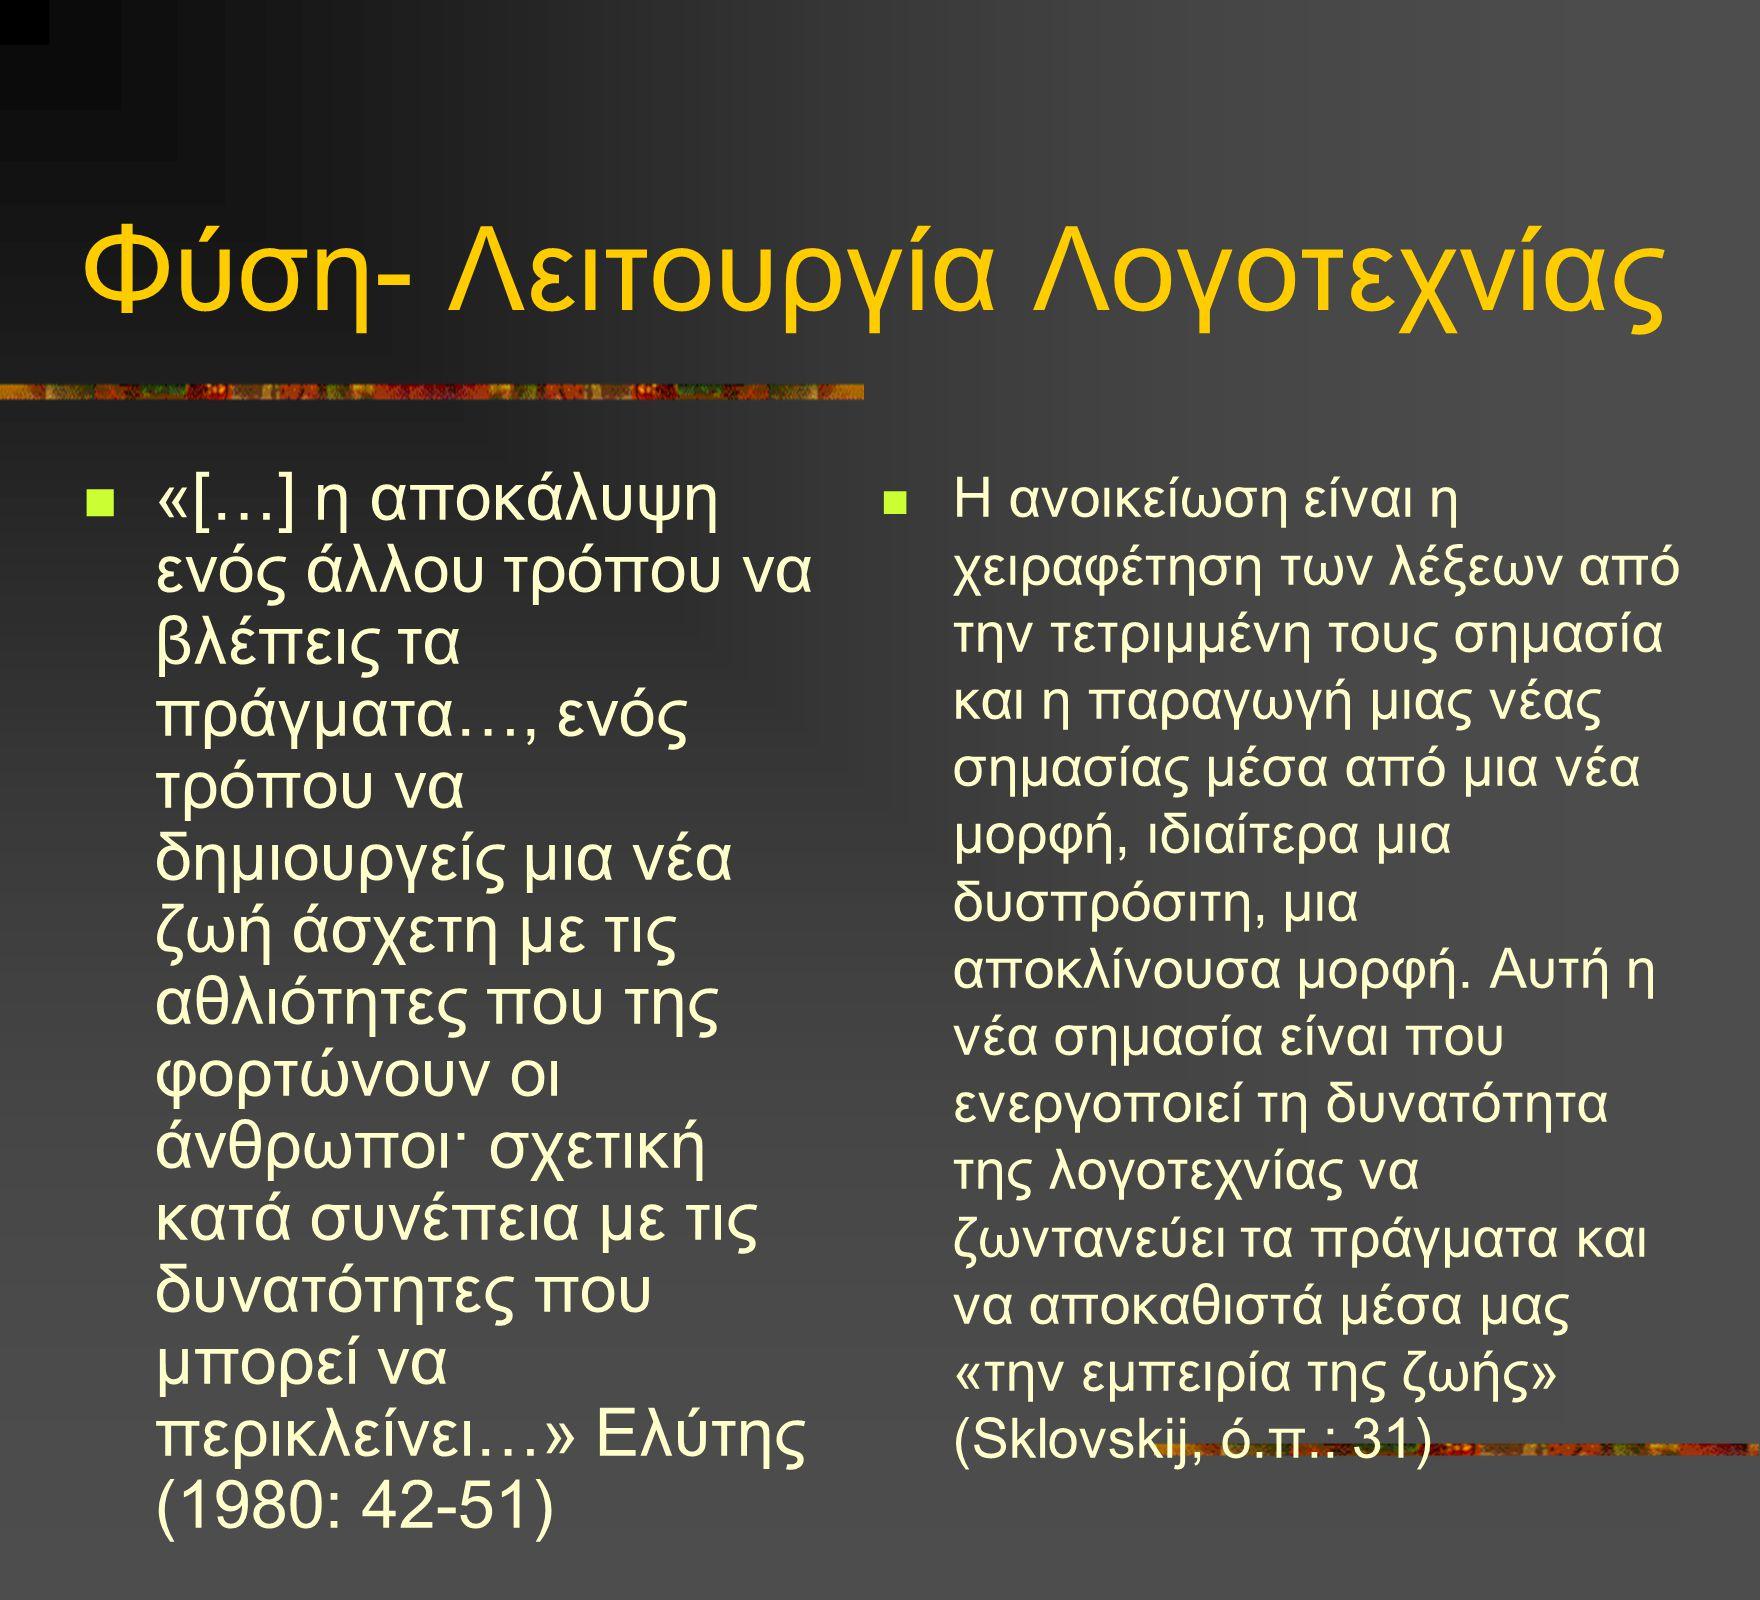 Λογοτεχνία Και Αναγνωστικό Κοινό Η ανάγνωση λογοτεχνικών βιβλίων ως: 18 ος-19ος αι.: α) πηγή κοινωνικού γοήτρου, β) κάλυψη αναγκών διαφώτισης αλλά και διασκέδασης.